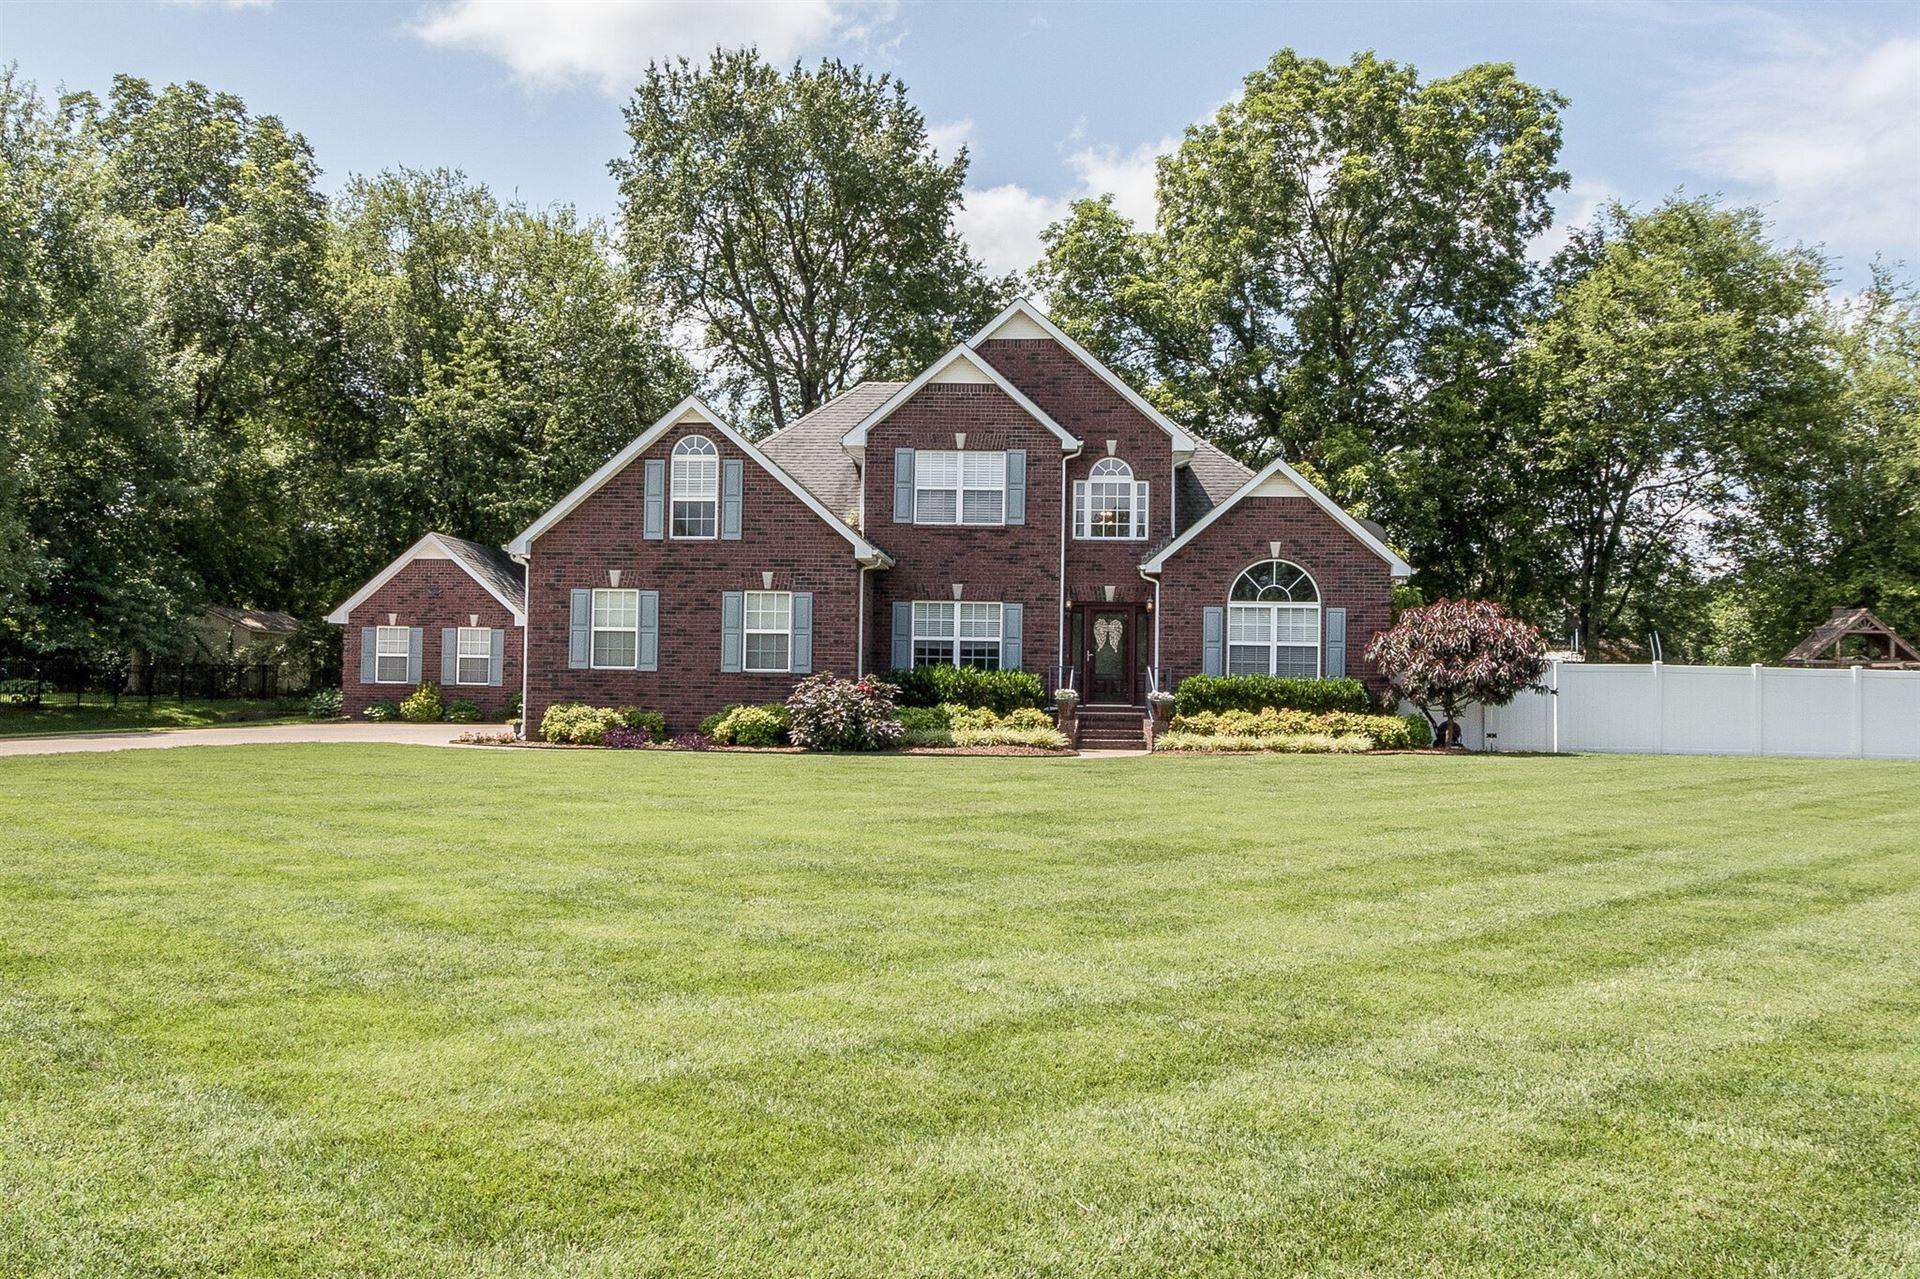 Photo of 444 Royal Glen Blvd, Murfreesboro, TN 37128 (MLS # 2168172)